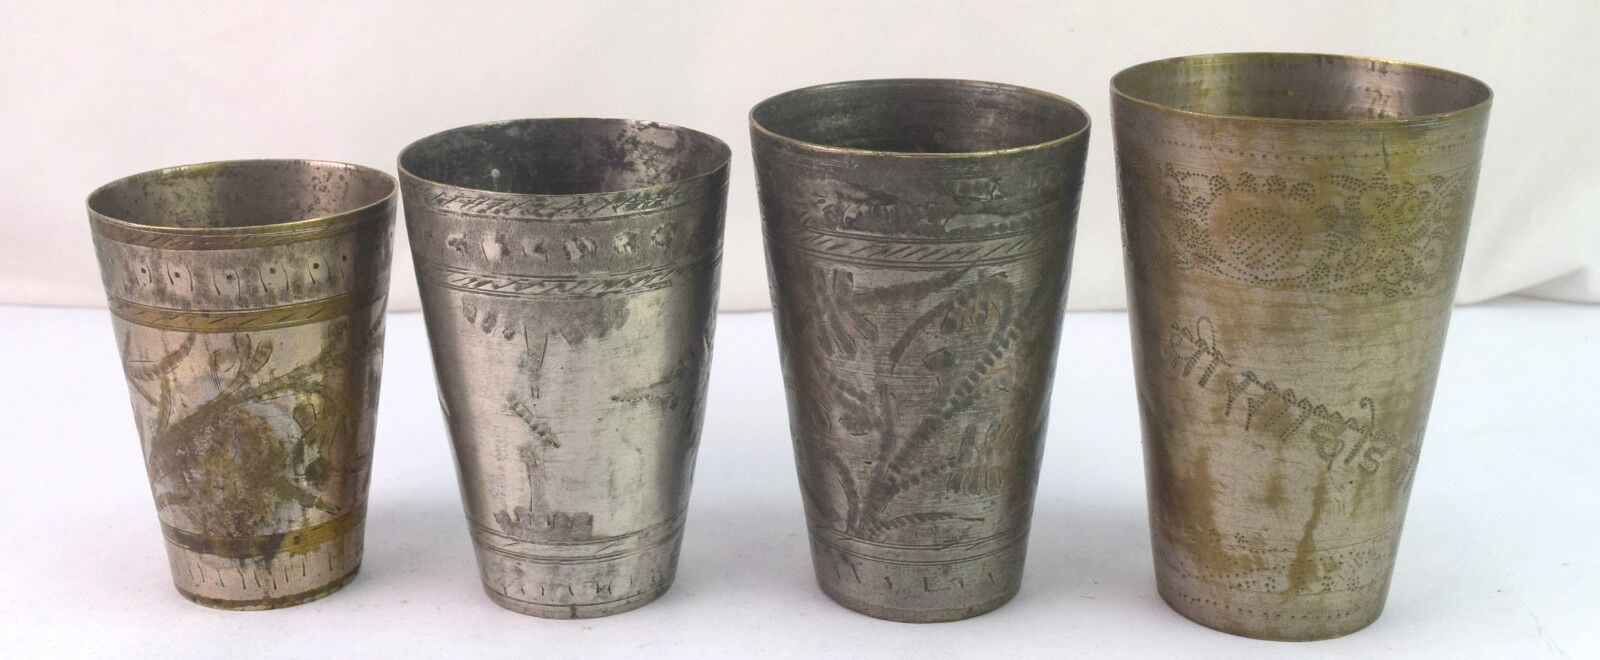 INDIEN ancien lot de laiton Lassi Tasse Vintage Collectible Floral Design. G66-459 US